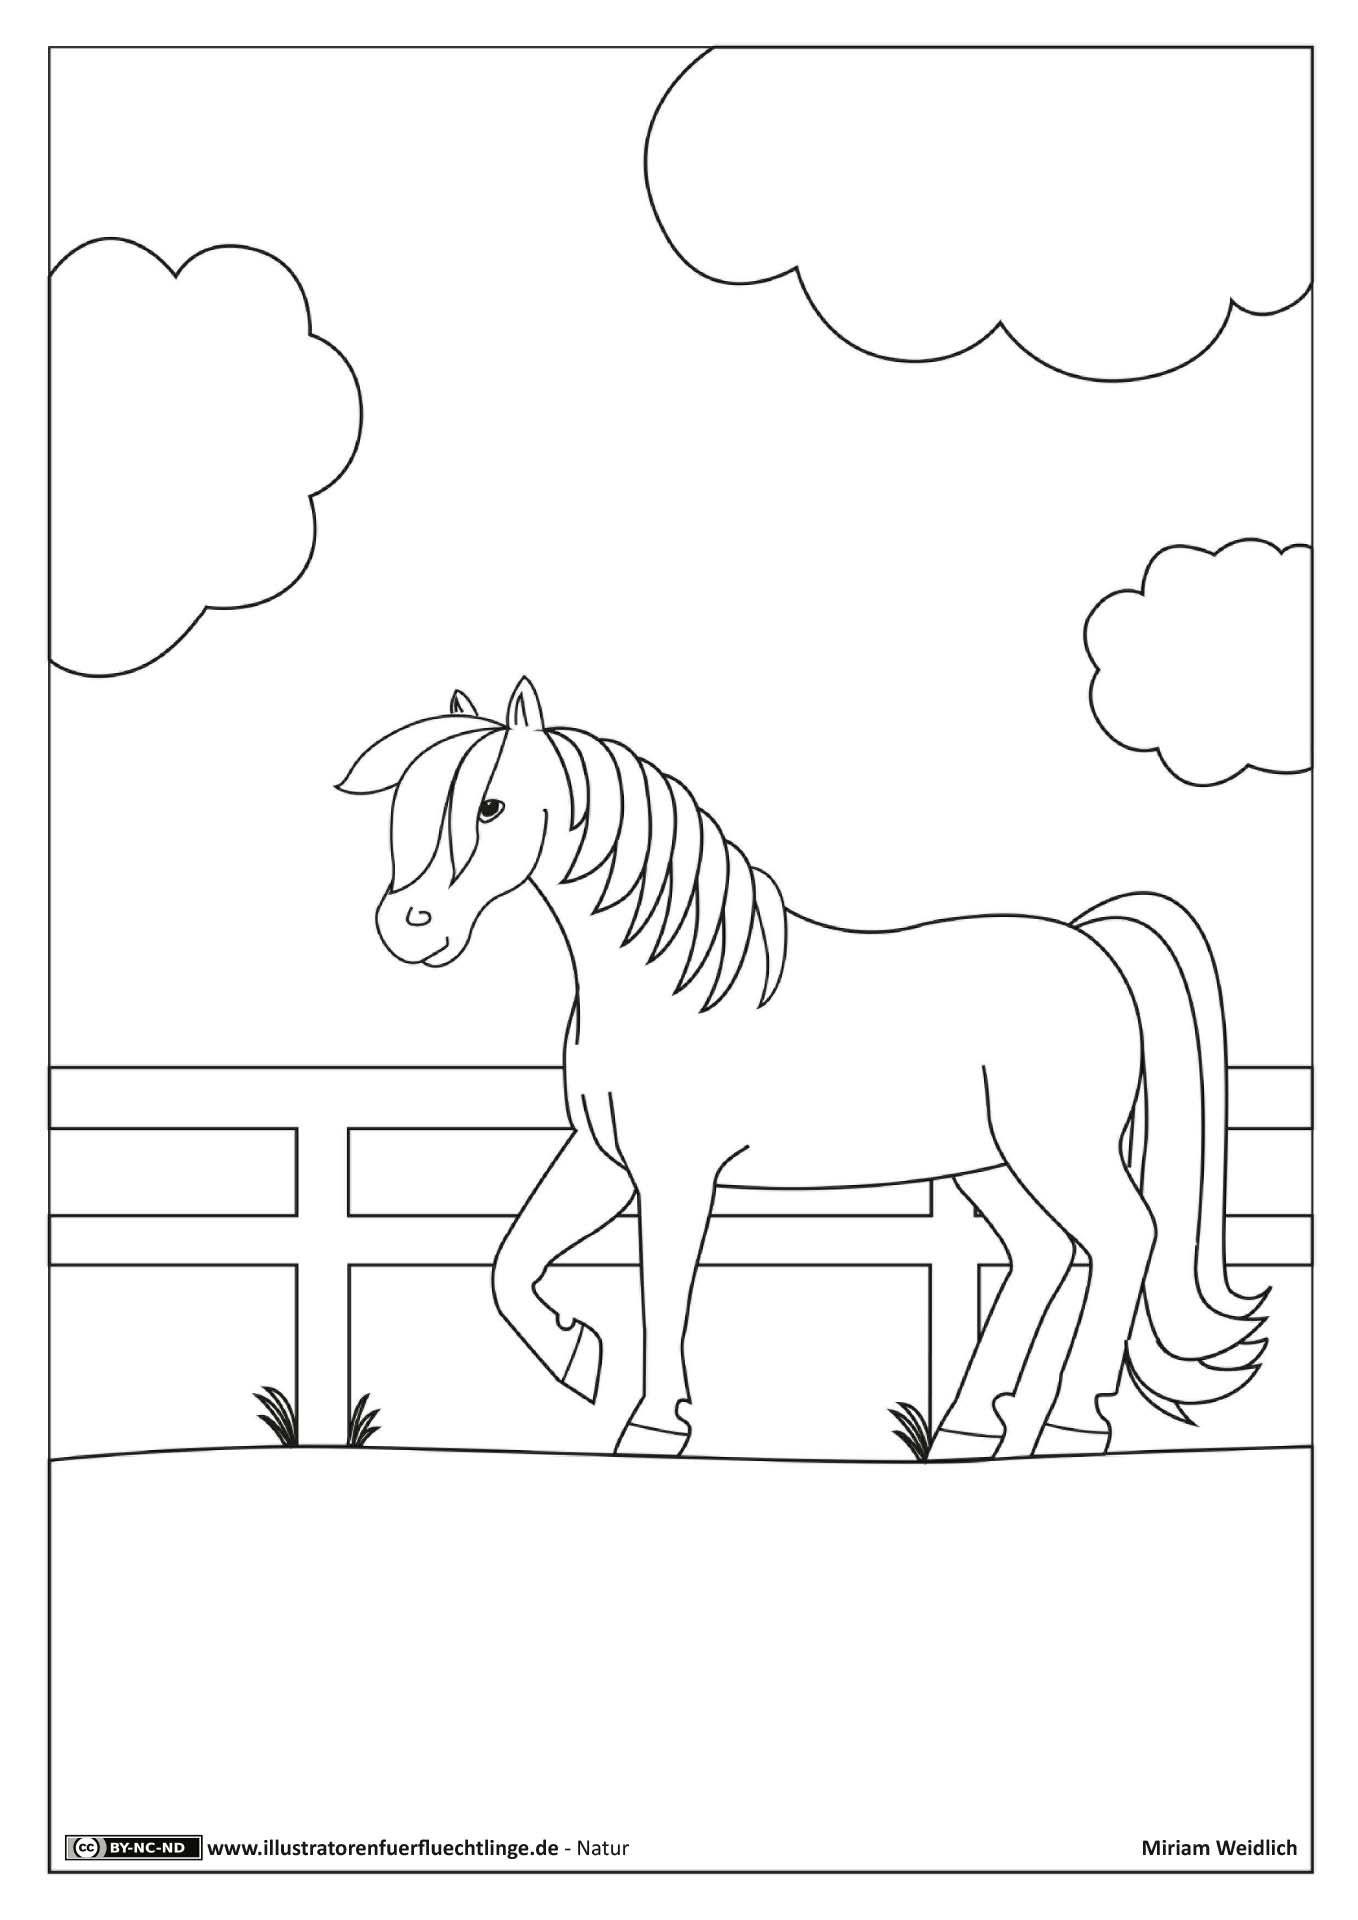 Natur Pferd Koppel Weidlich